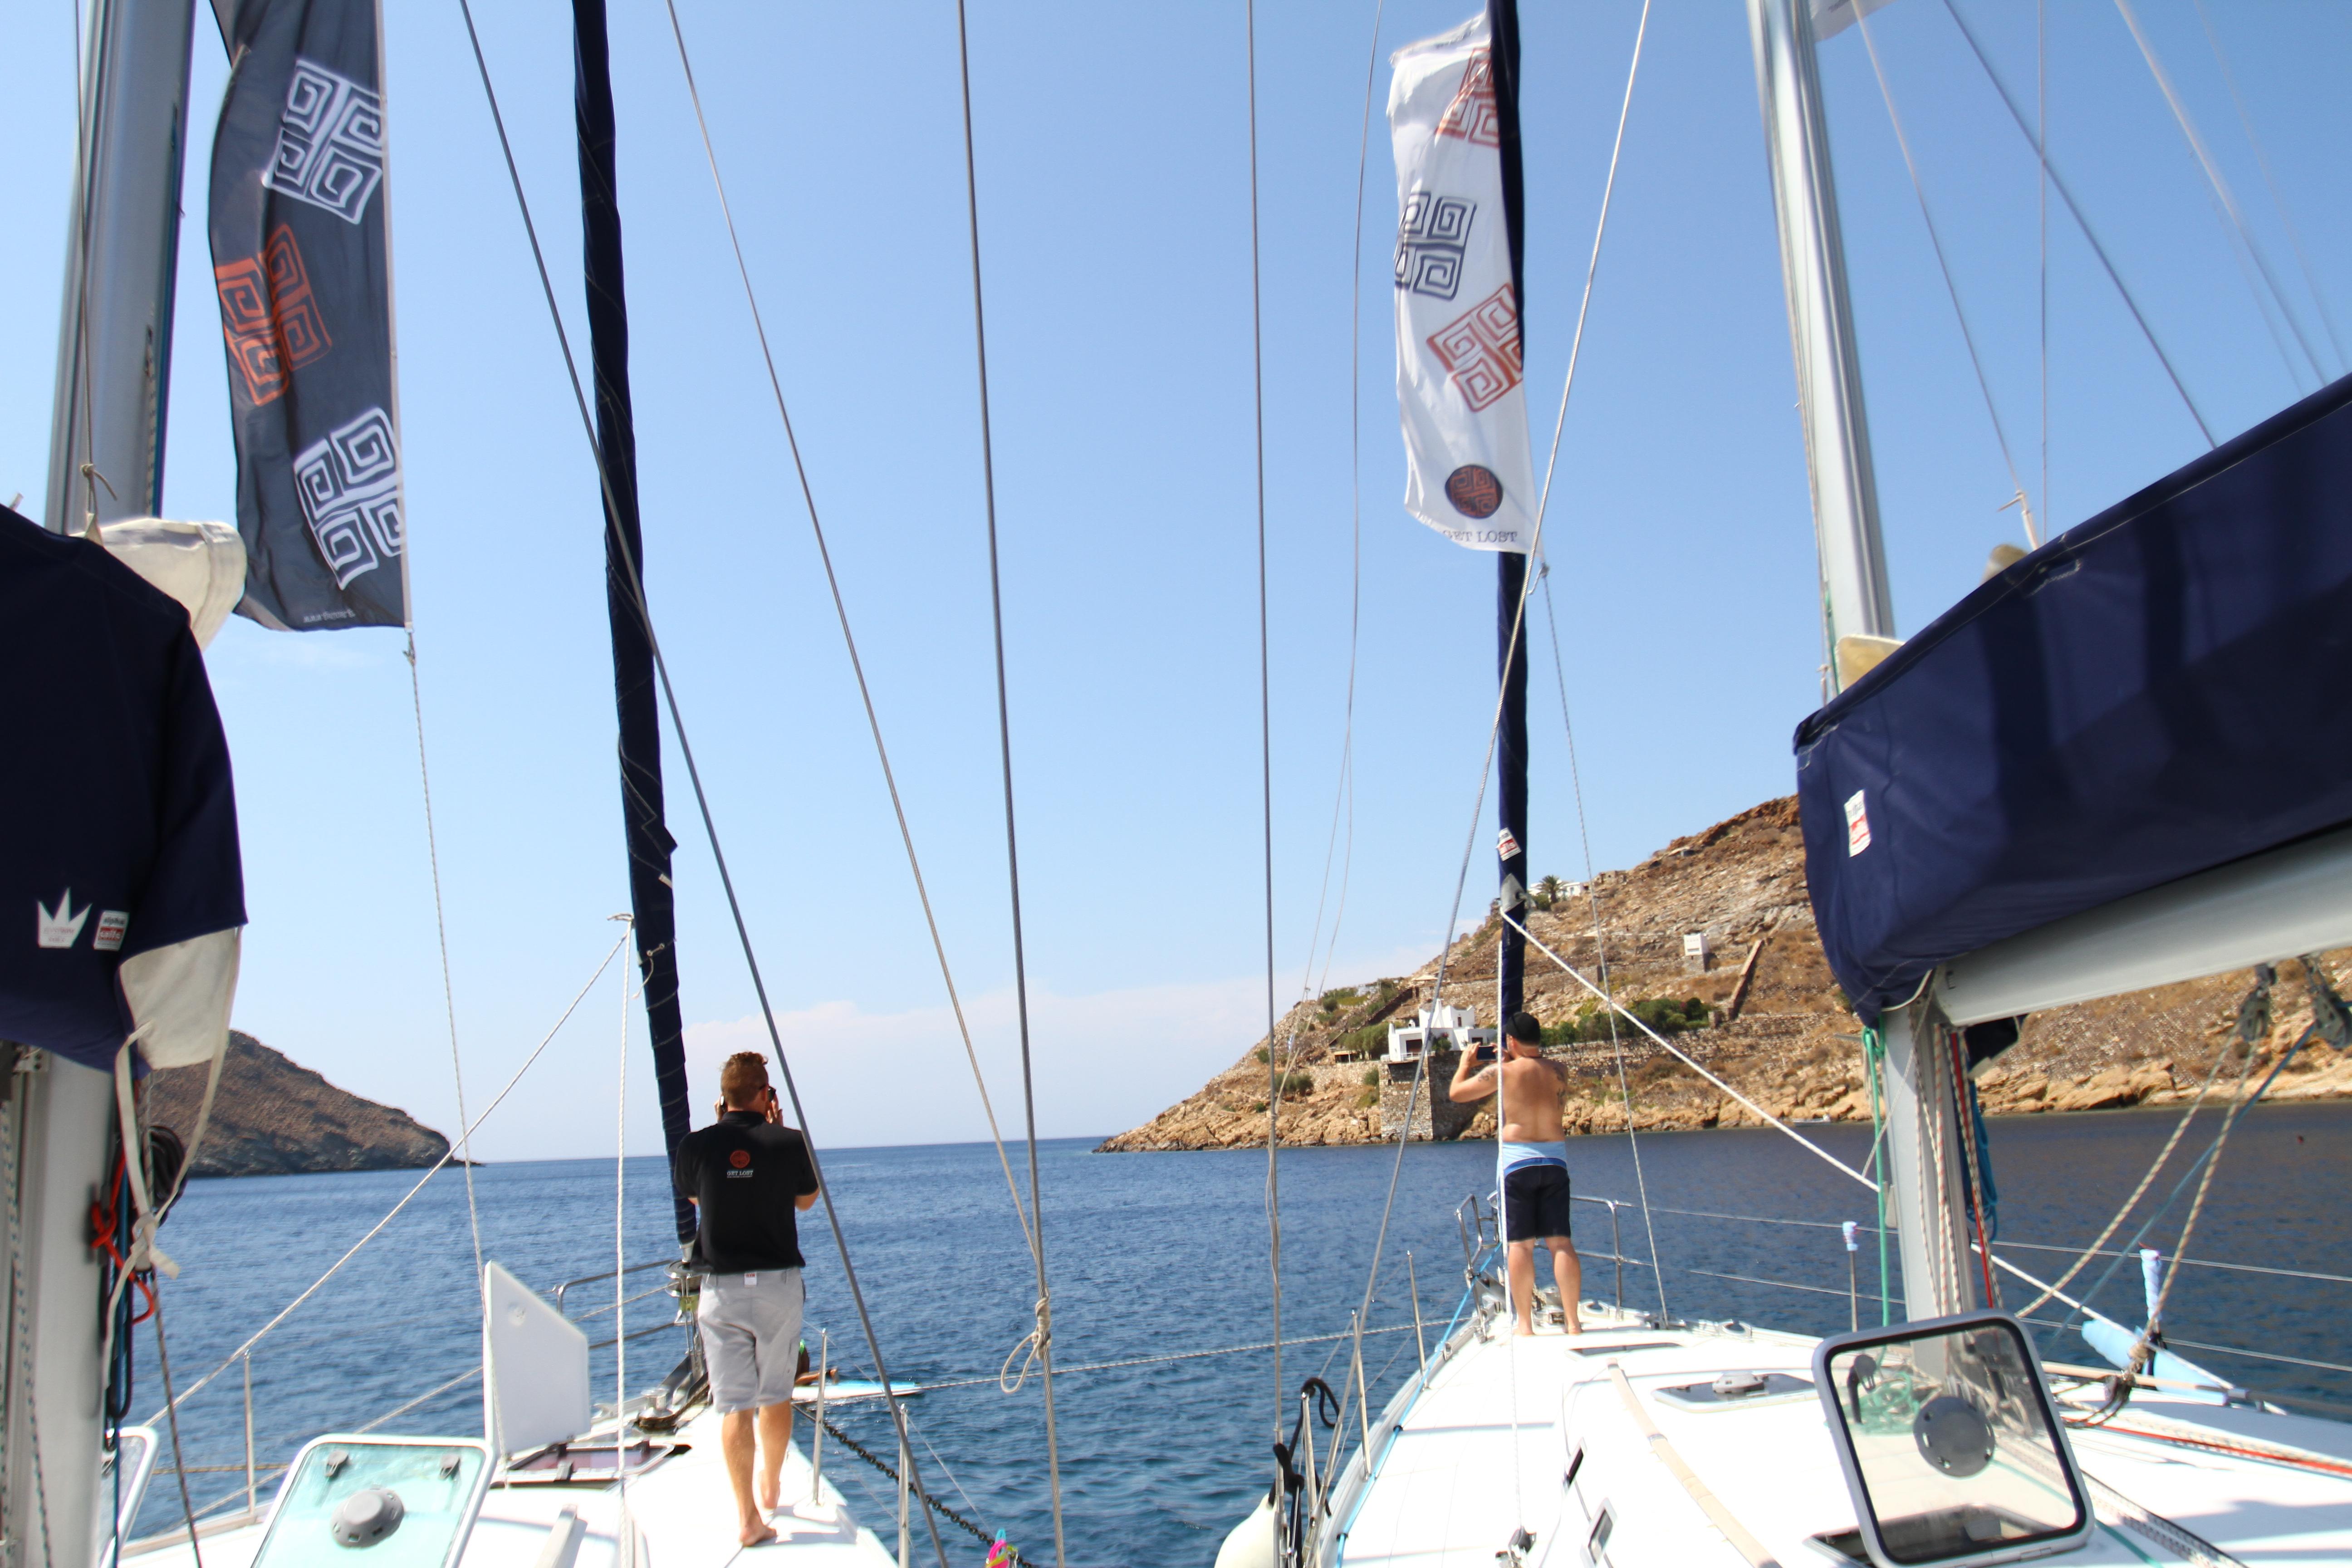 life in a flotilla